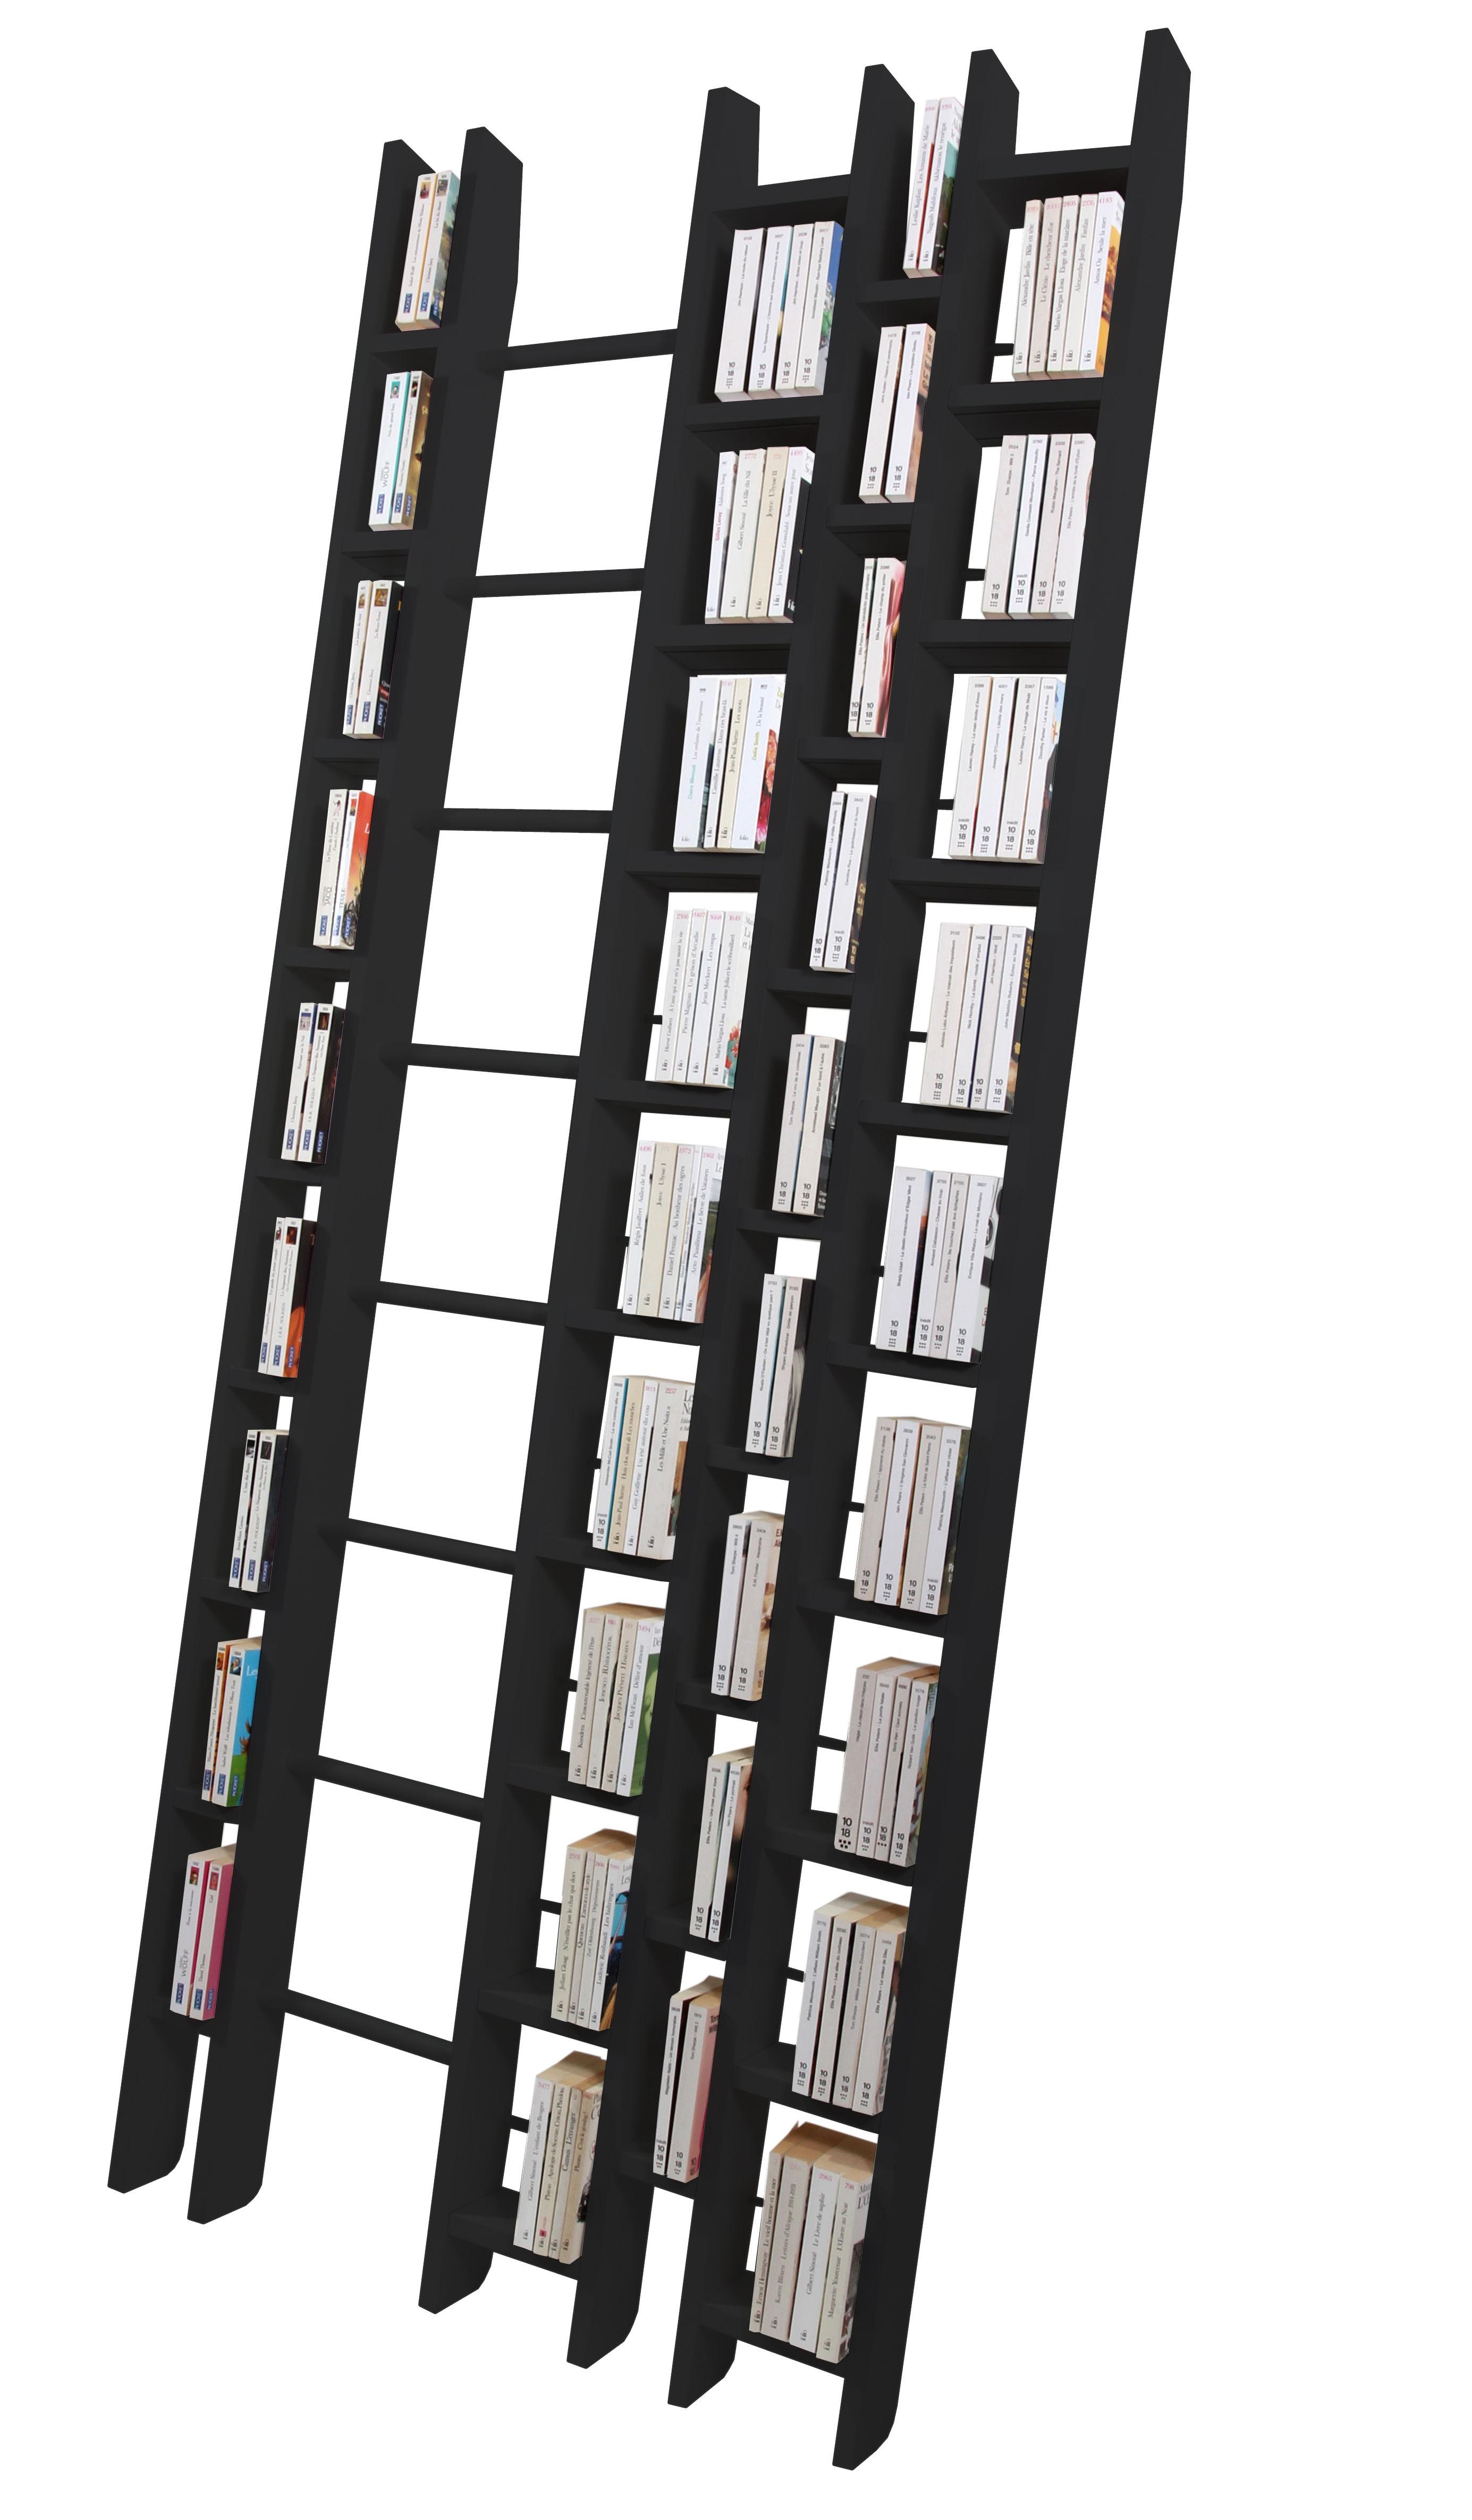 Arredamento - Scaffali e librerie - Libreria Hô + - larghezza 96 cm - Esclusiva di La Corbeille - Nero - Hêtre massif laqué